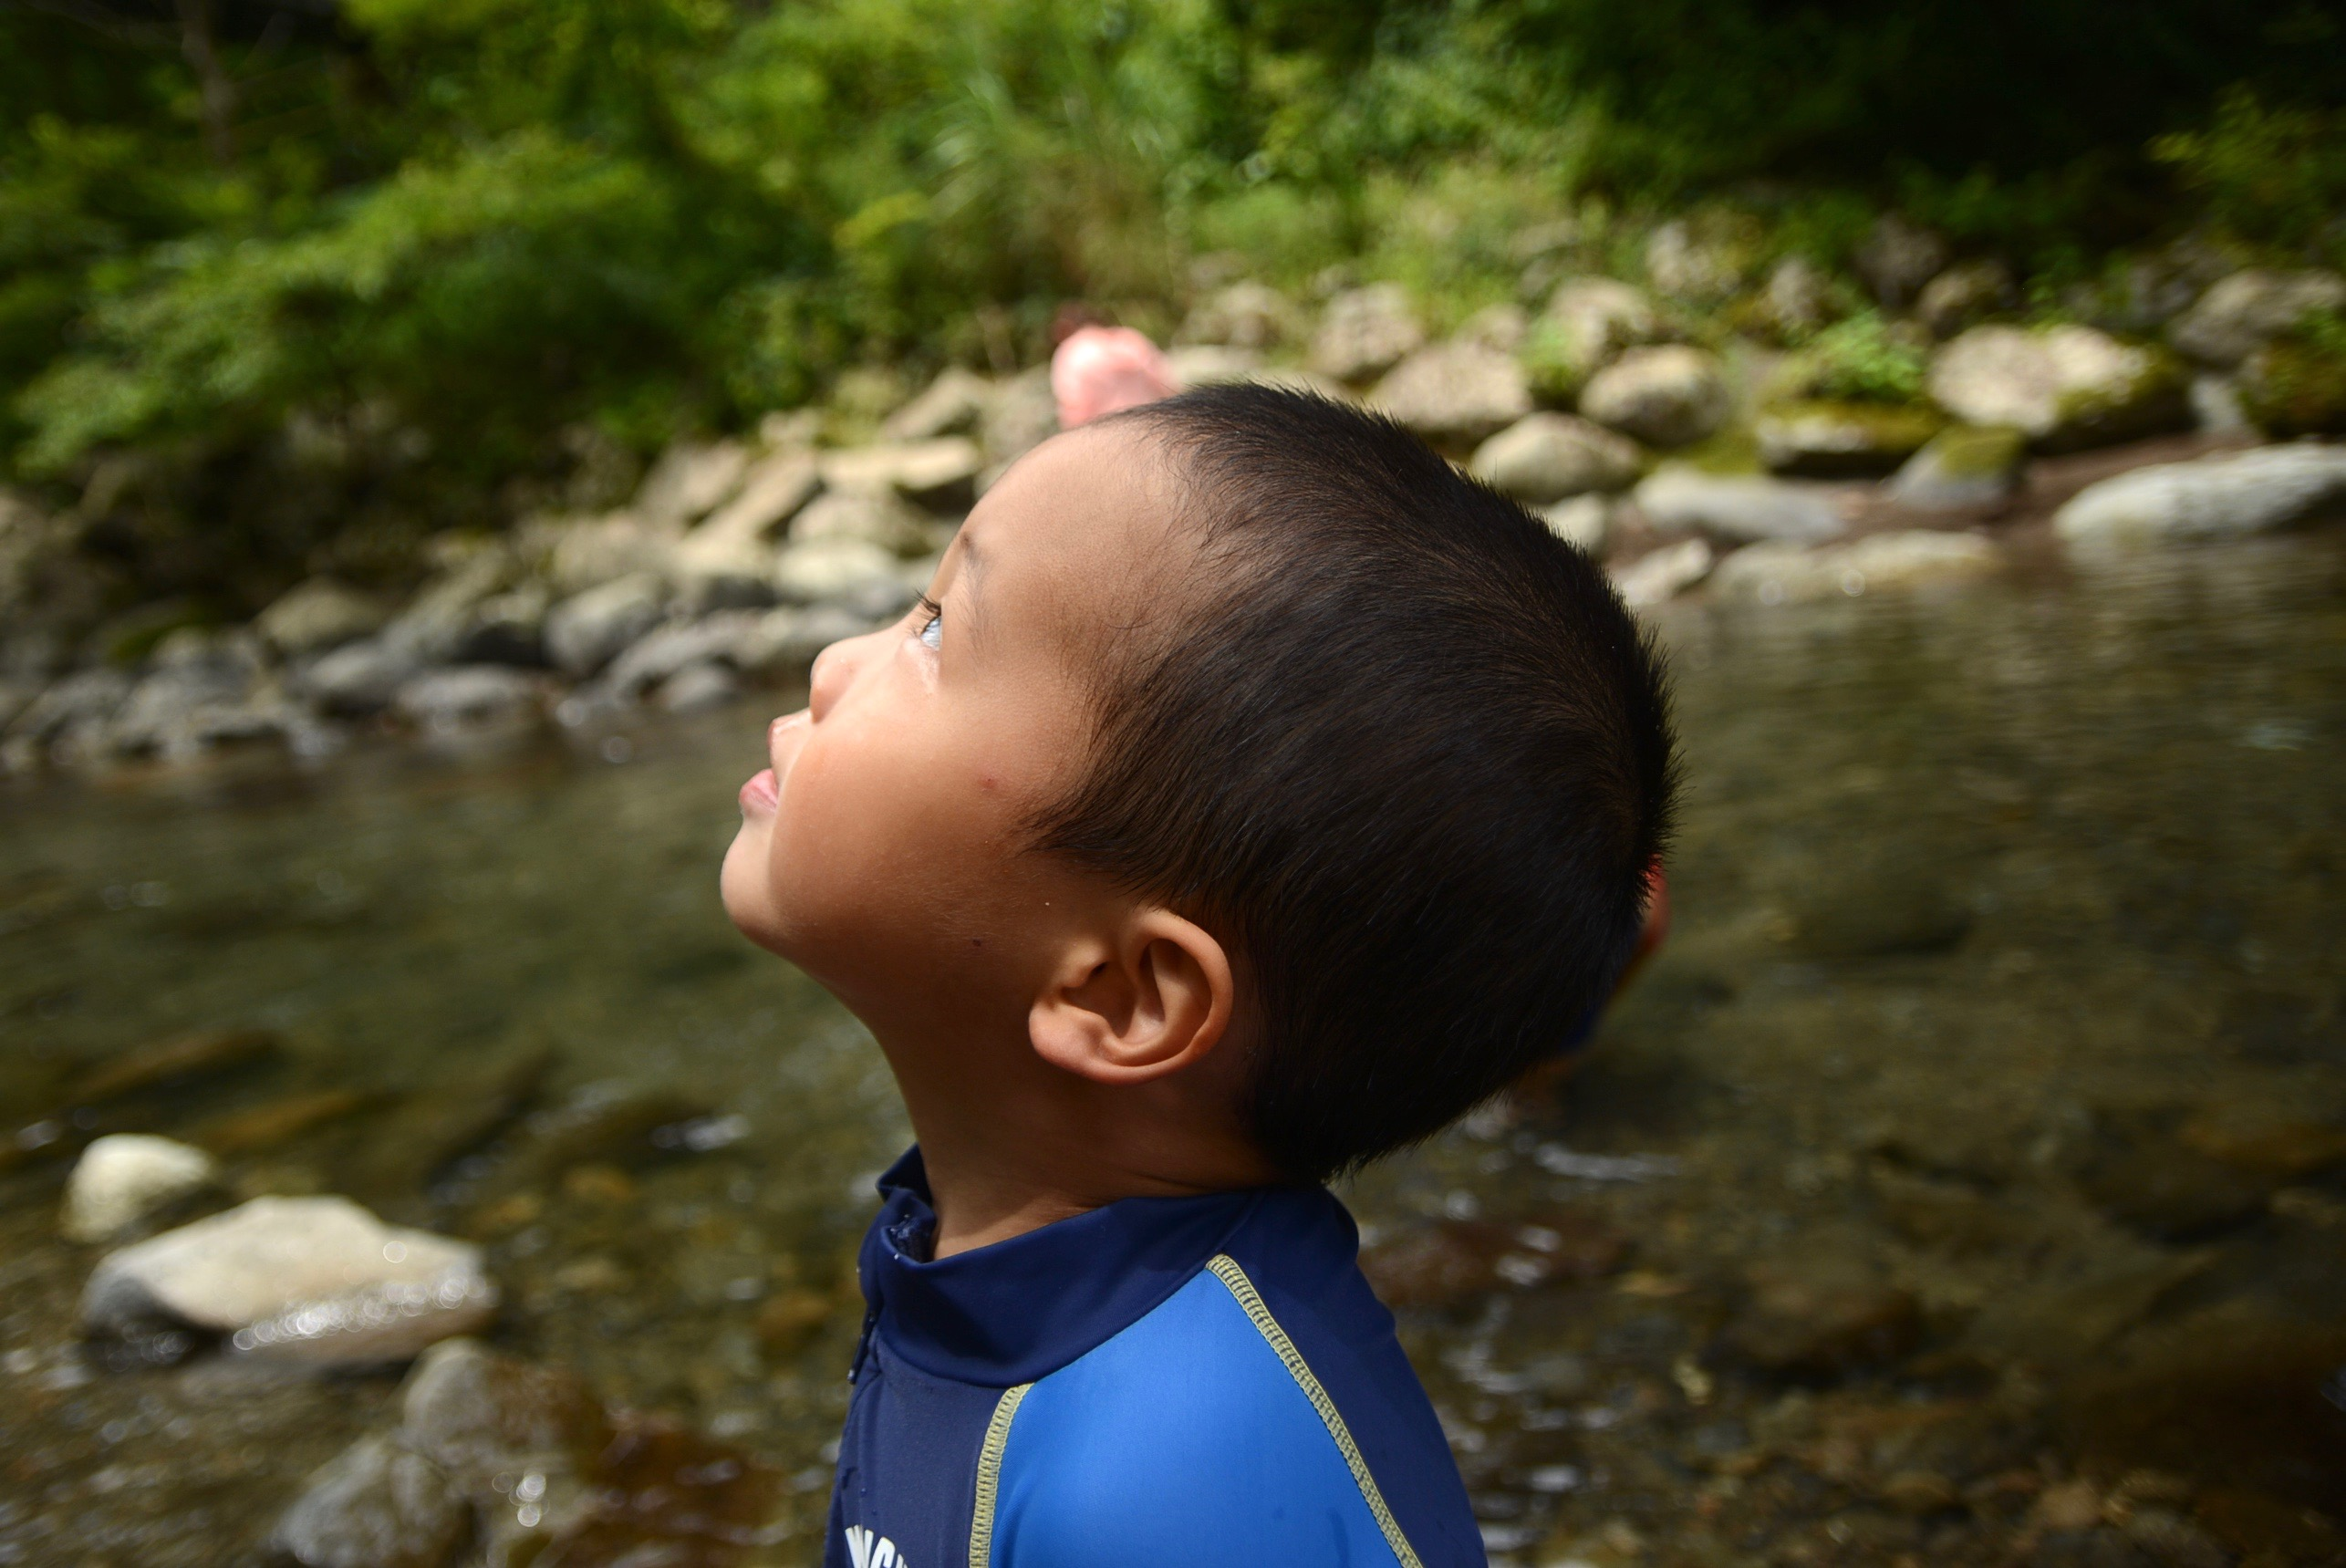 子供の写真を可愛く撮るコツ/横顔をアップで撮る